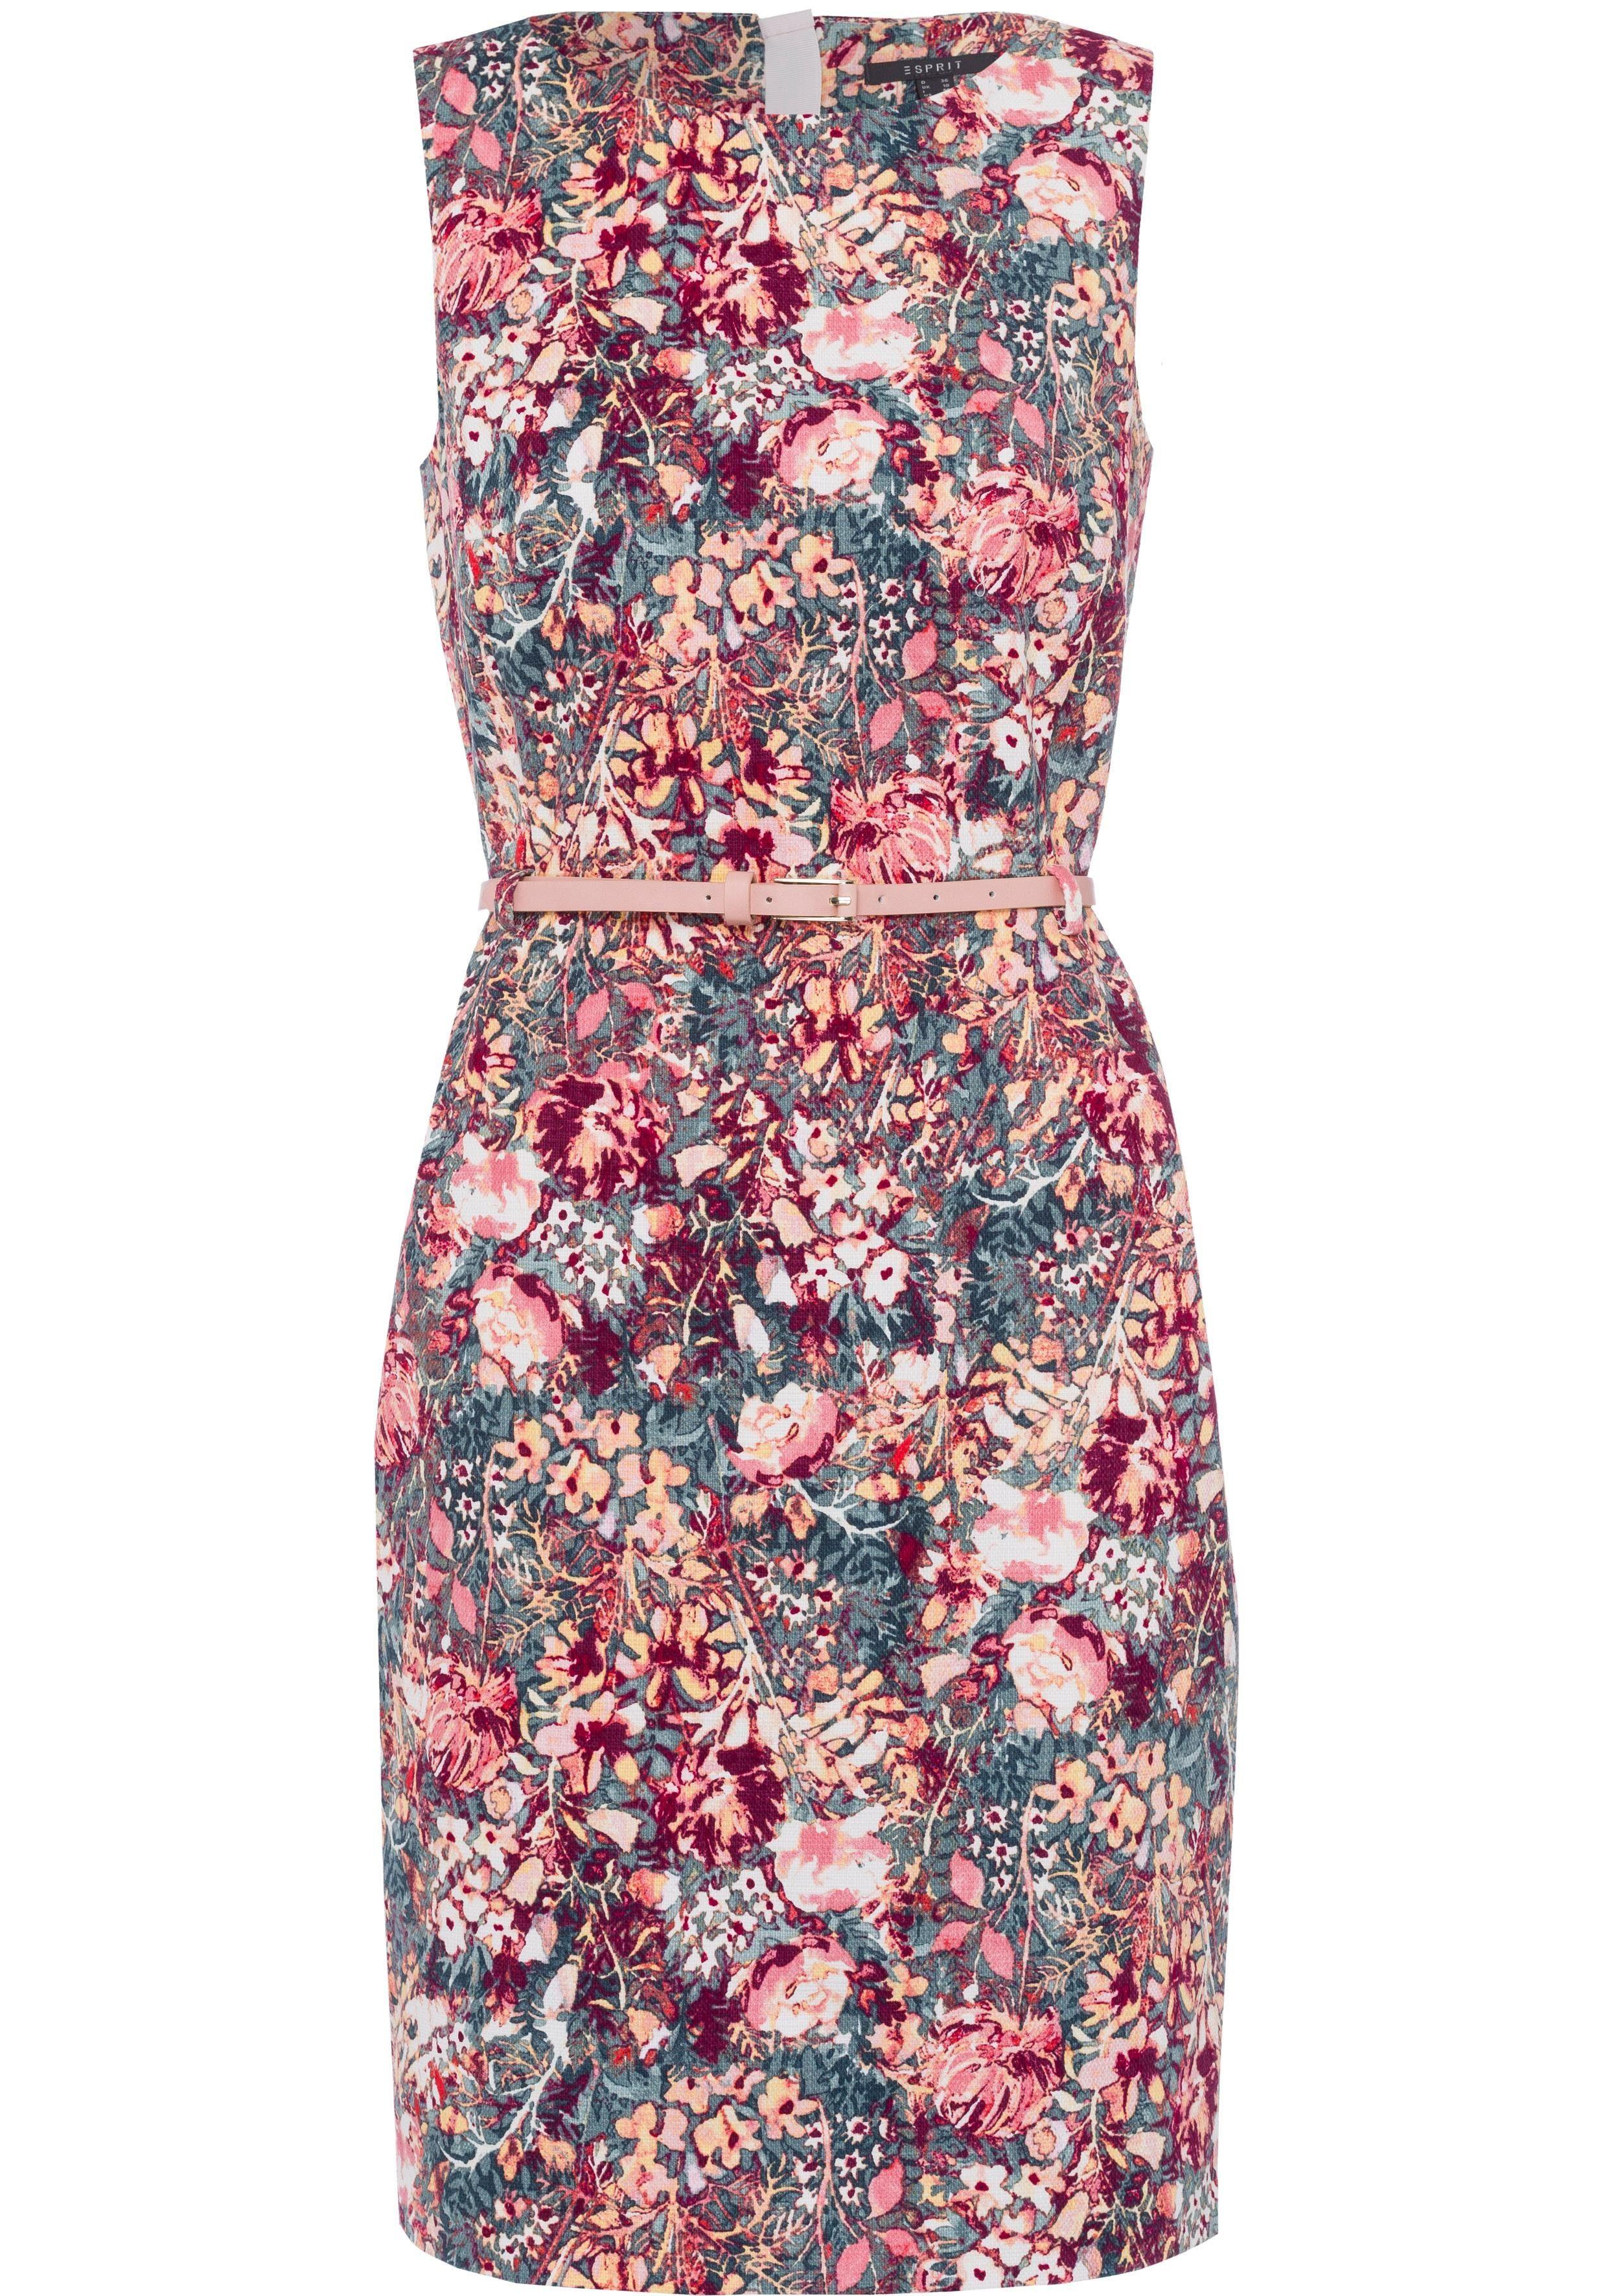 Esprit Collection Sommerkleid (mit abnehmbarem Gürtel) mit aufregendem Druckmuster und passendem Gürtel